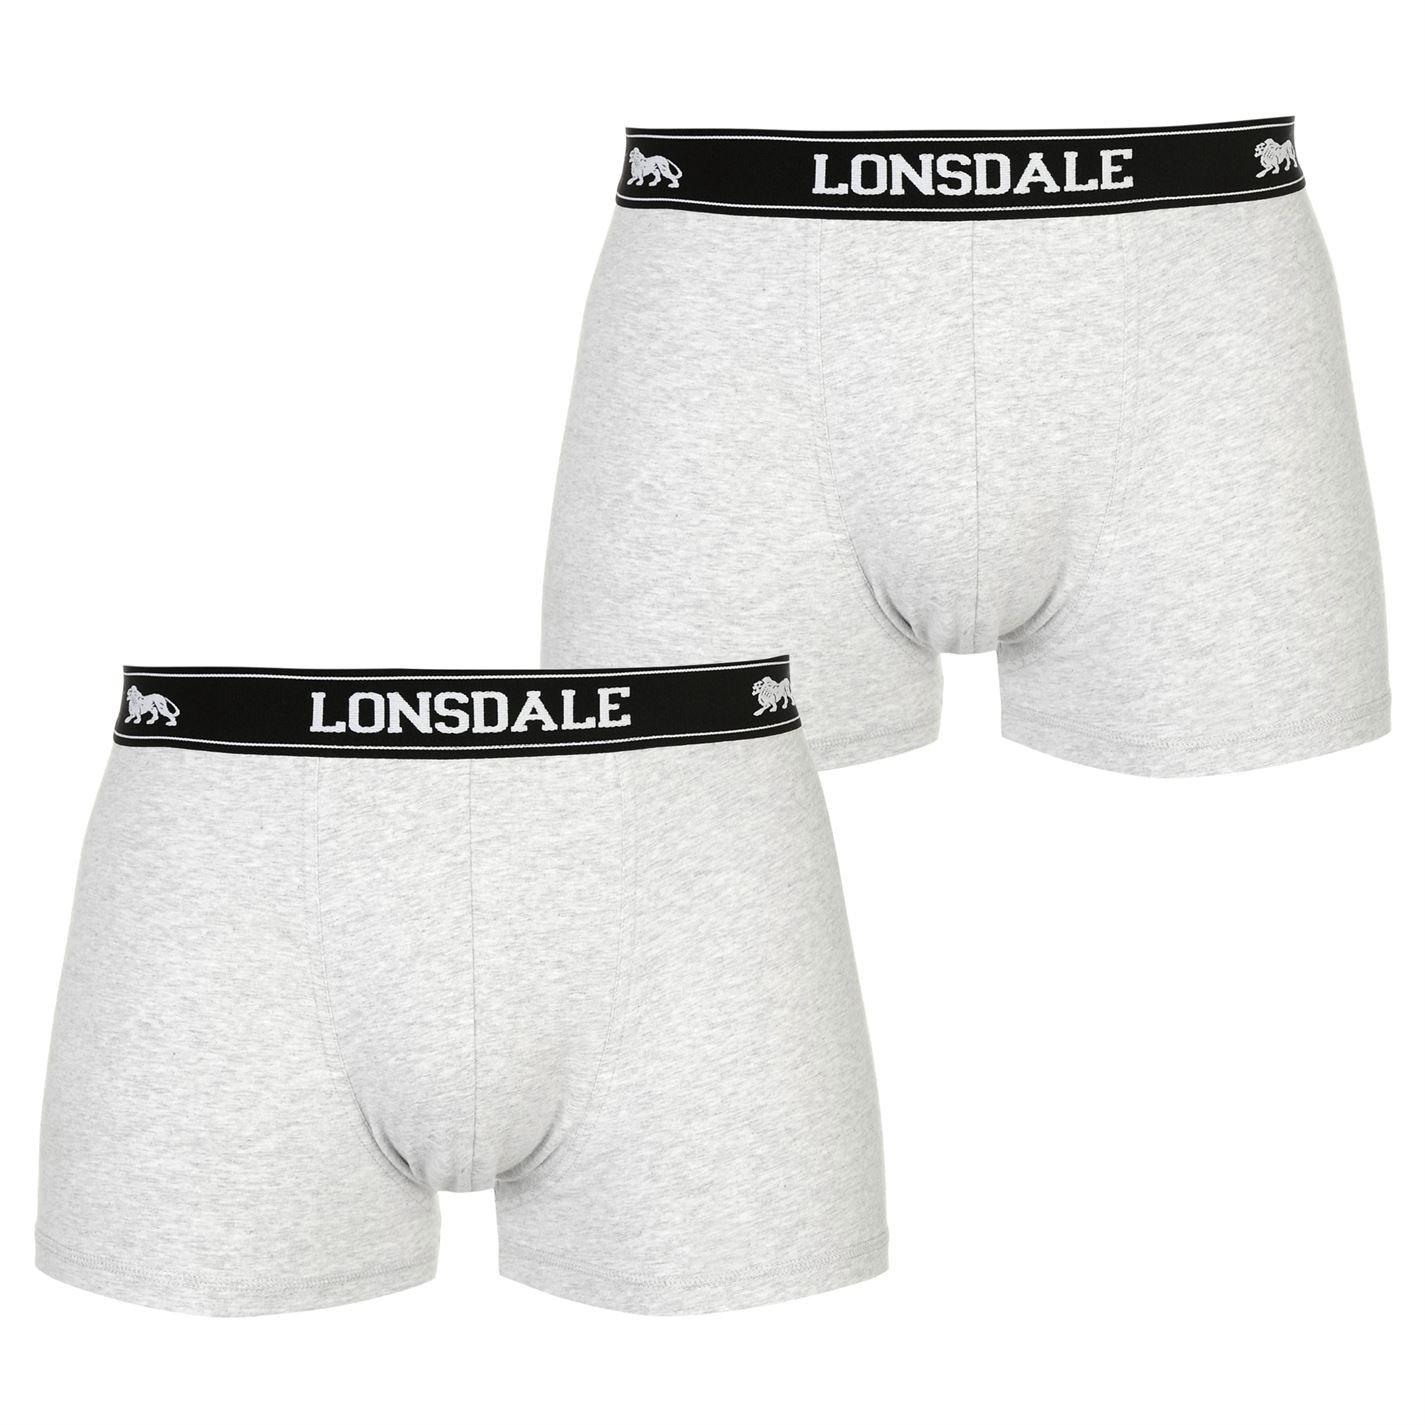 Lonsdale Hombre 2 Pares Hipsters Ba/ñador b/óxer Shorts Calzoncillos Ropa Interior Deportivo